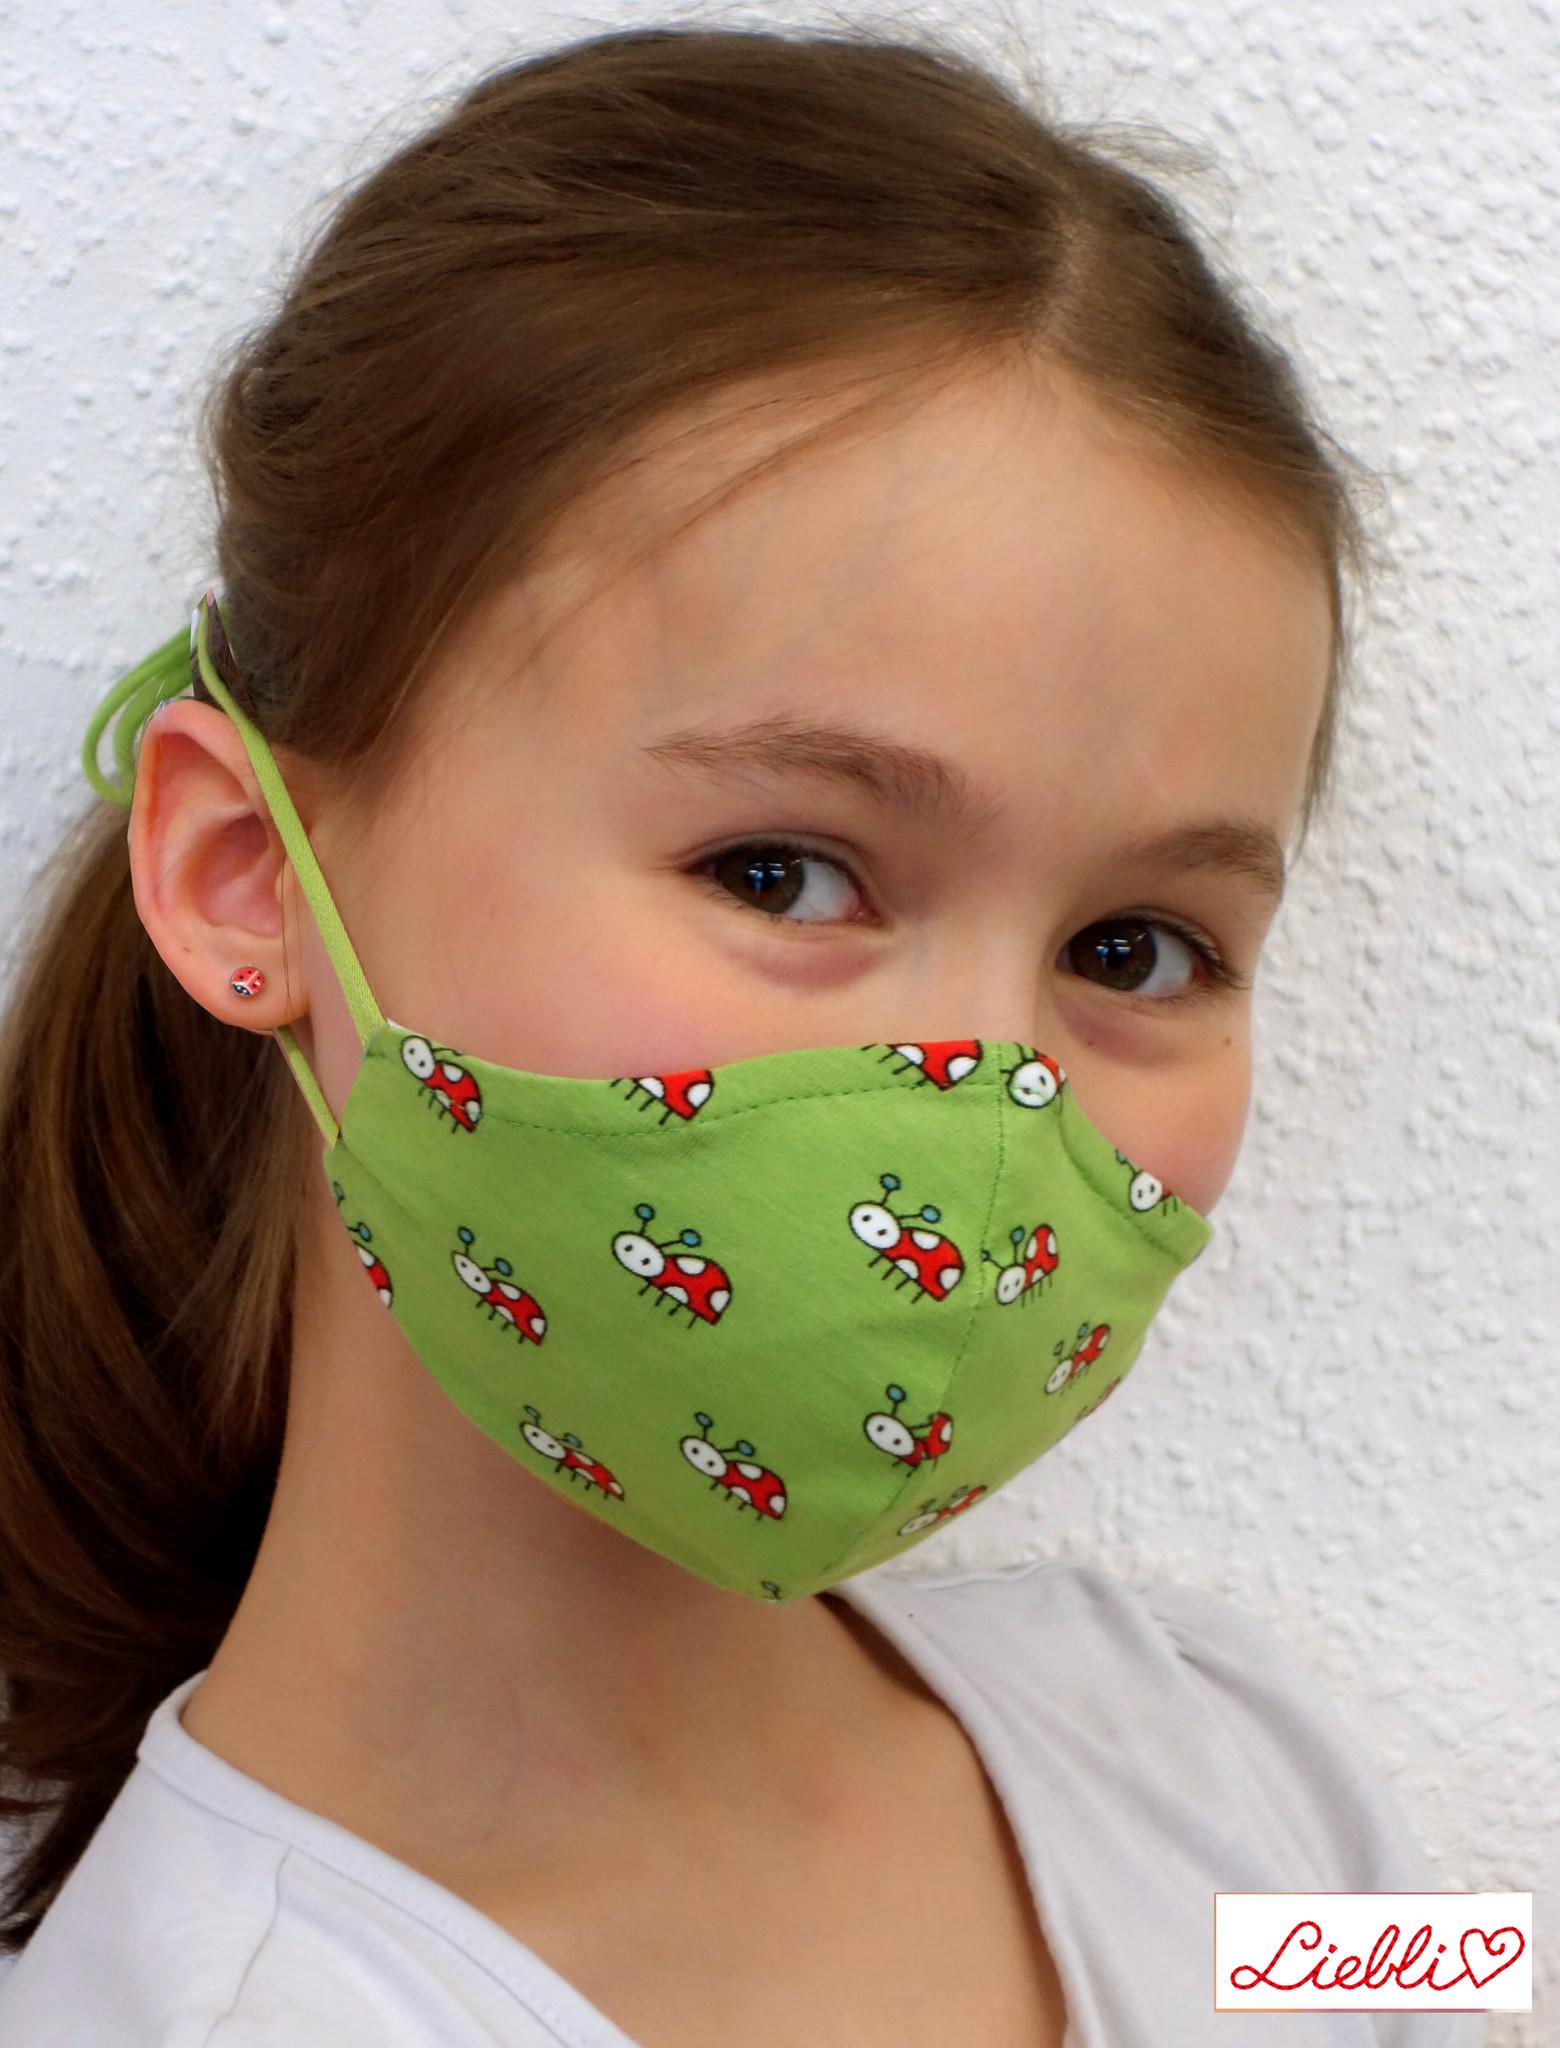 Kindermaske, Kinder Mundschutz, Mund-Nasen-Maske Marienkäfer grün (auch für Erwachsene)